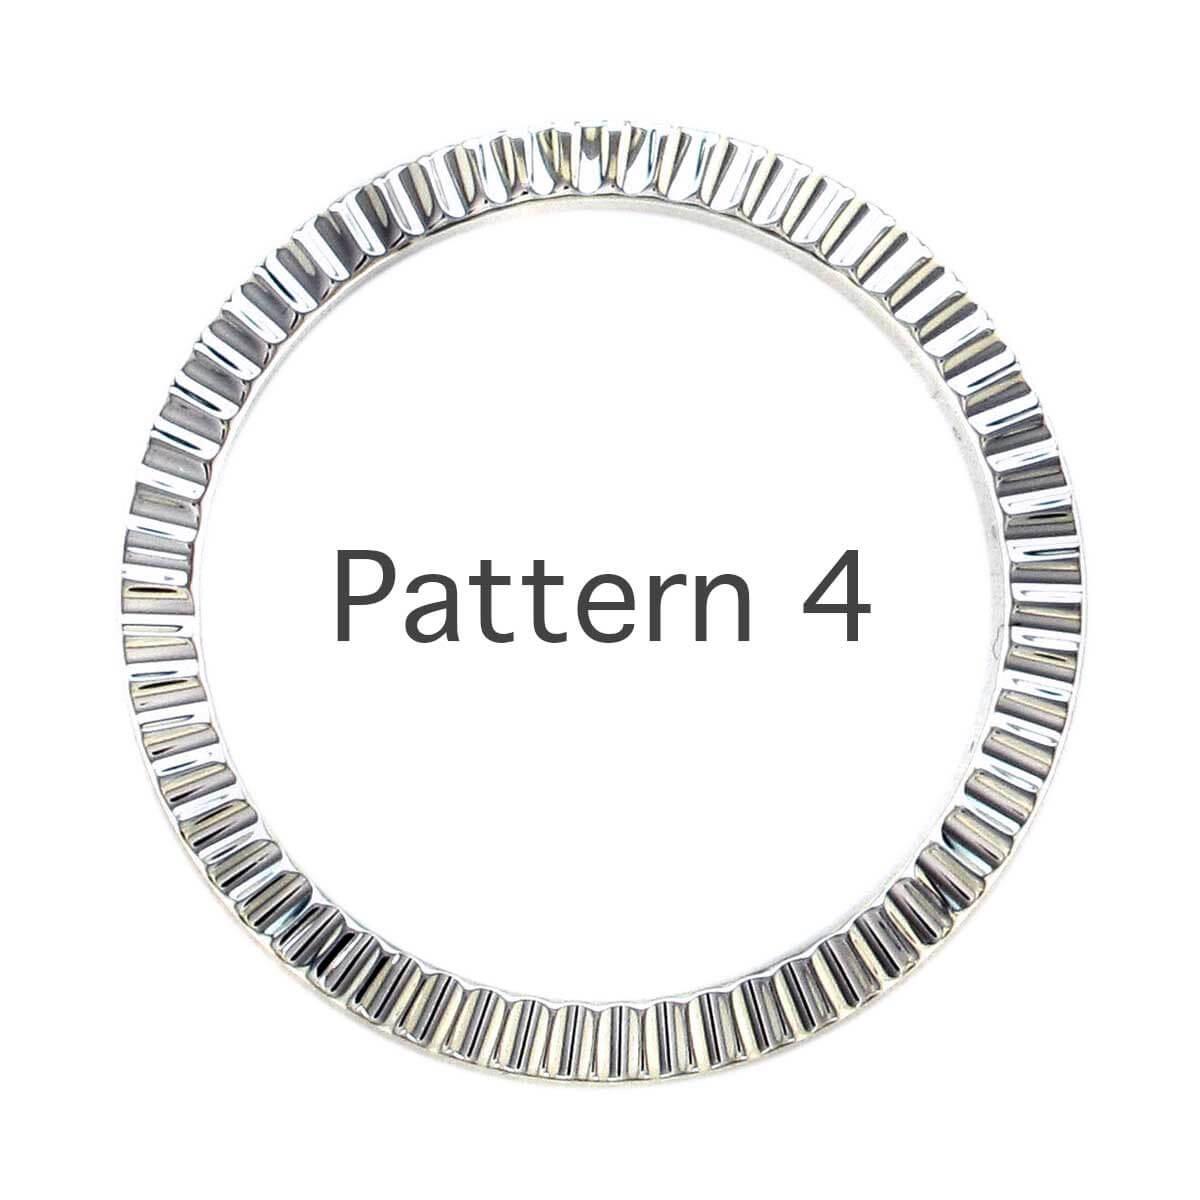 kryptos ring pattern 4